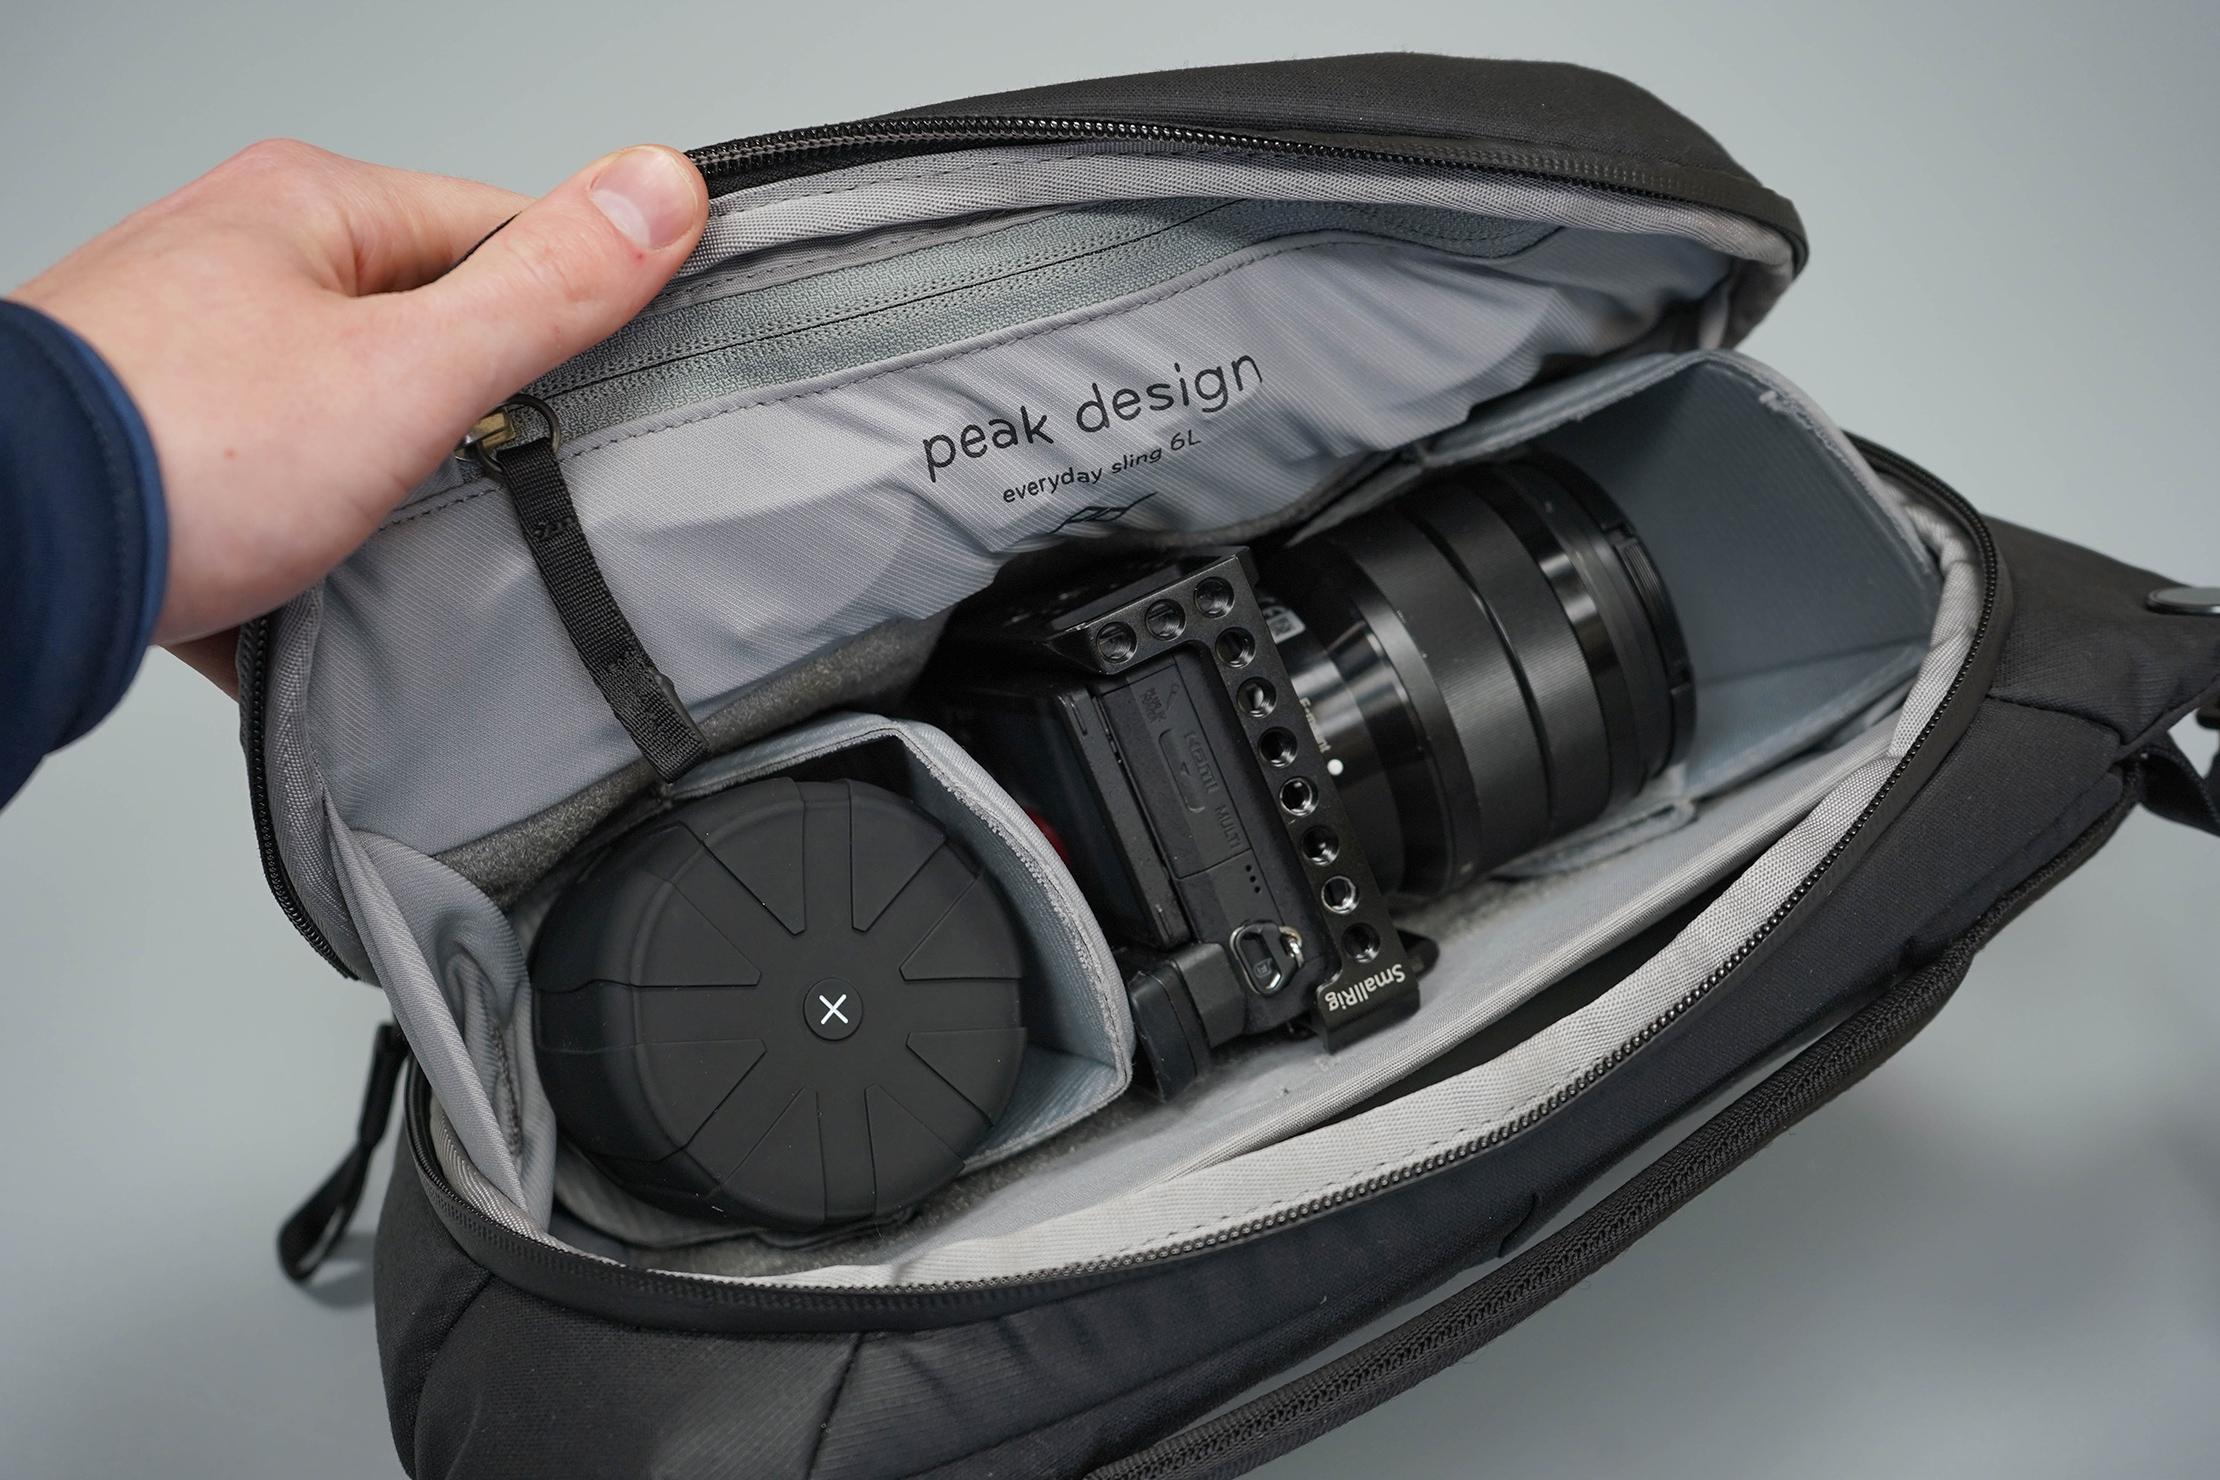 Peak Design Everyday Sling 6L V2 Main Packed